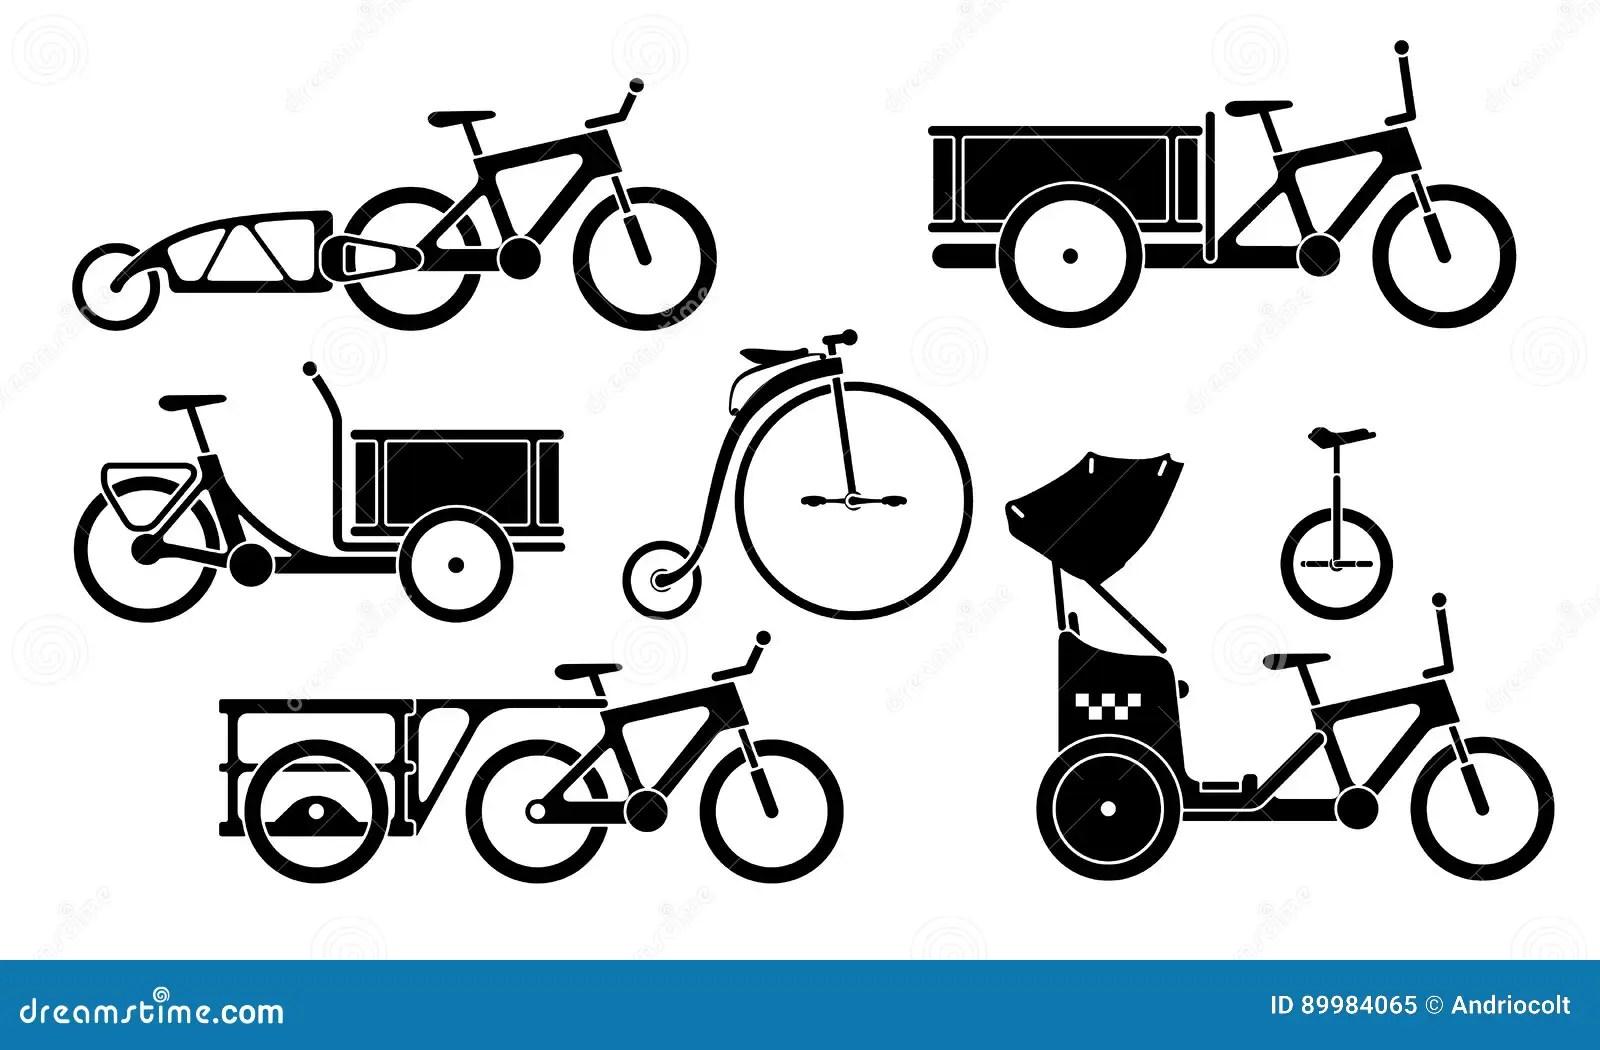 Set Of Utility Bikes And Trikes Silhouette Icons Stock